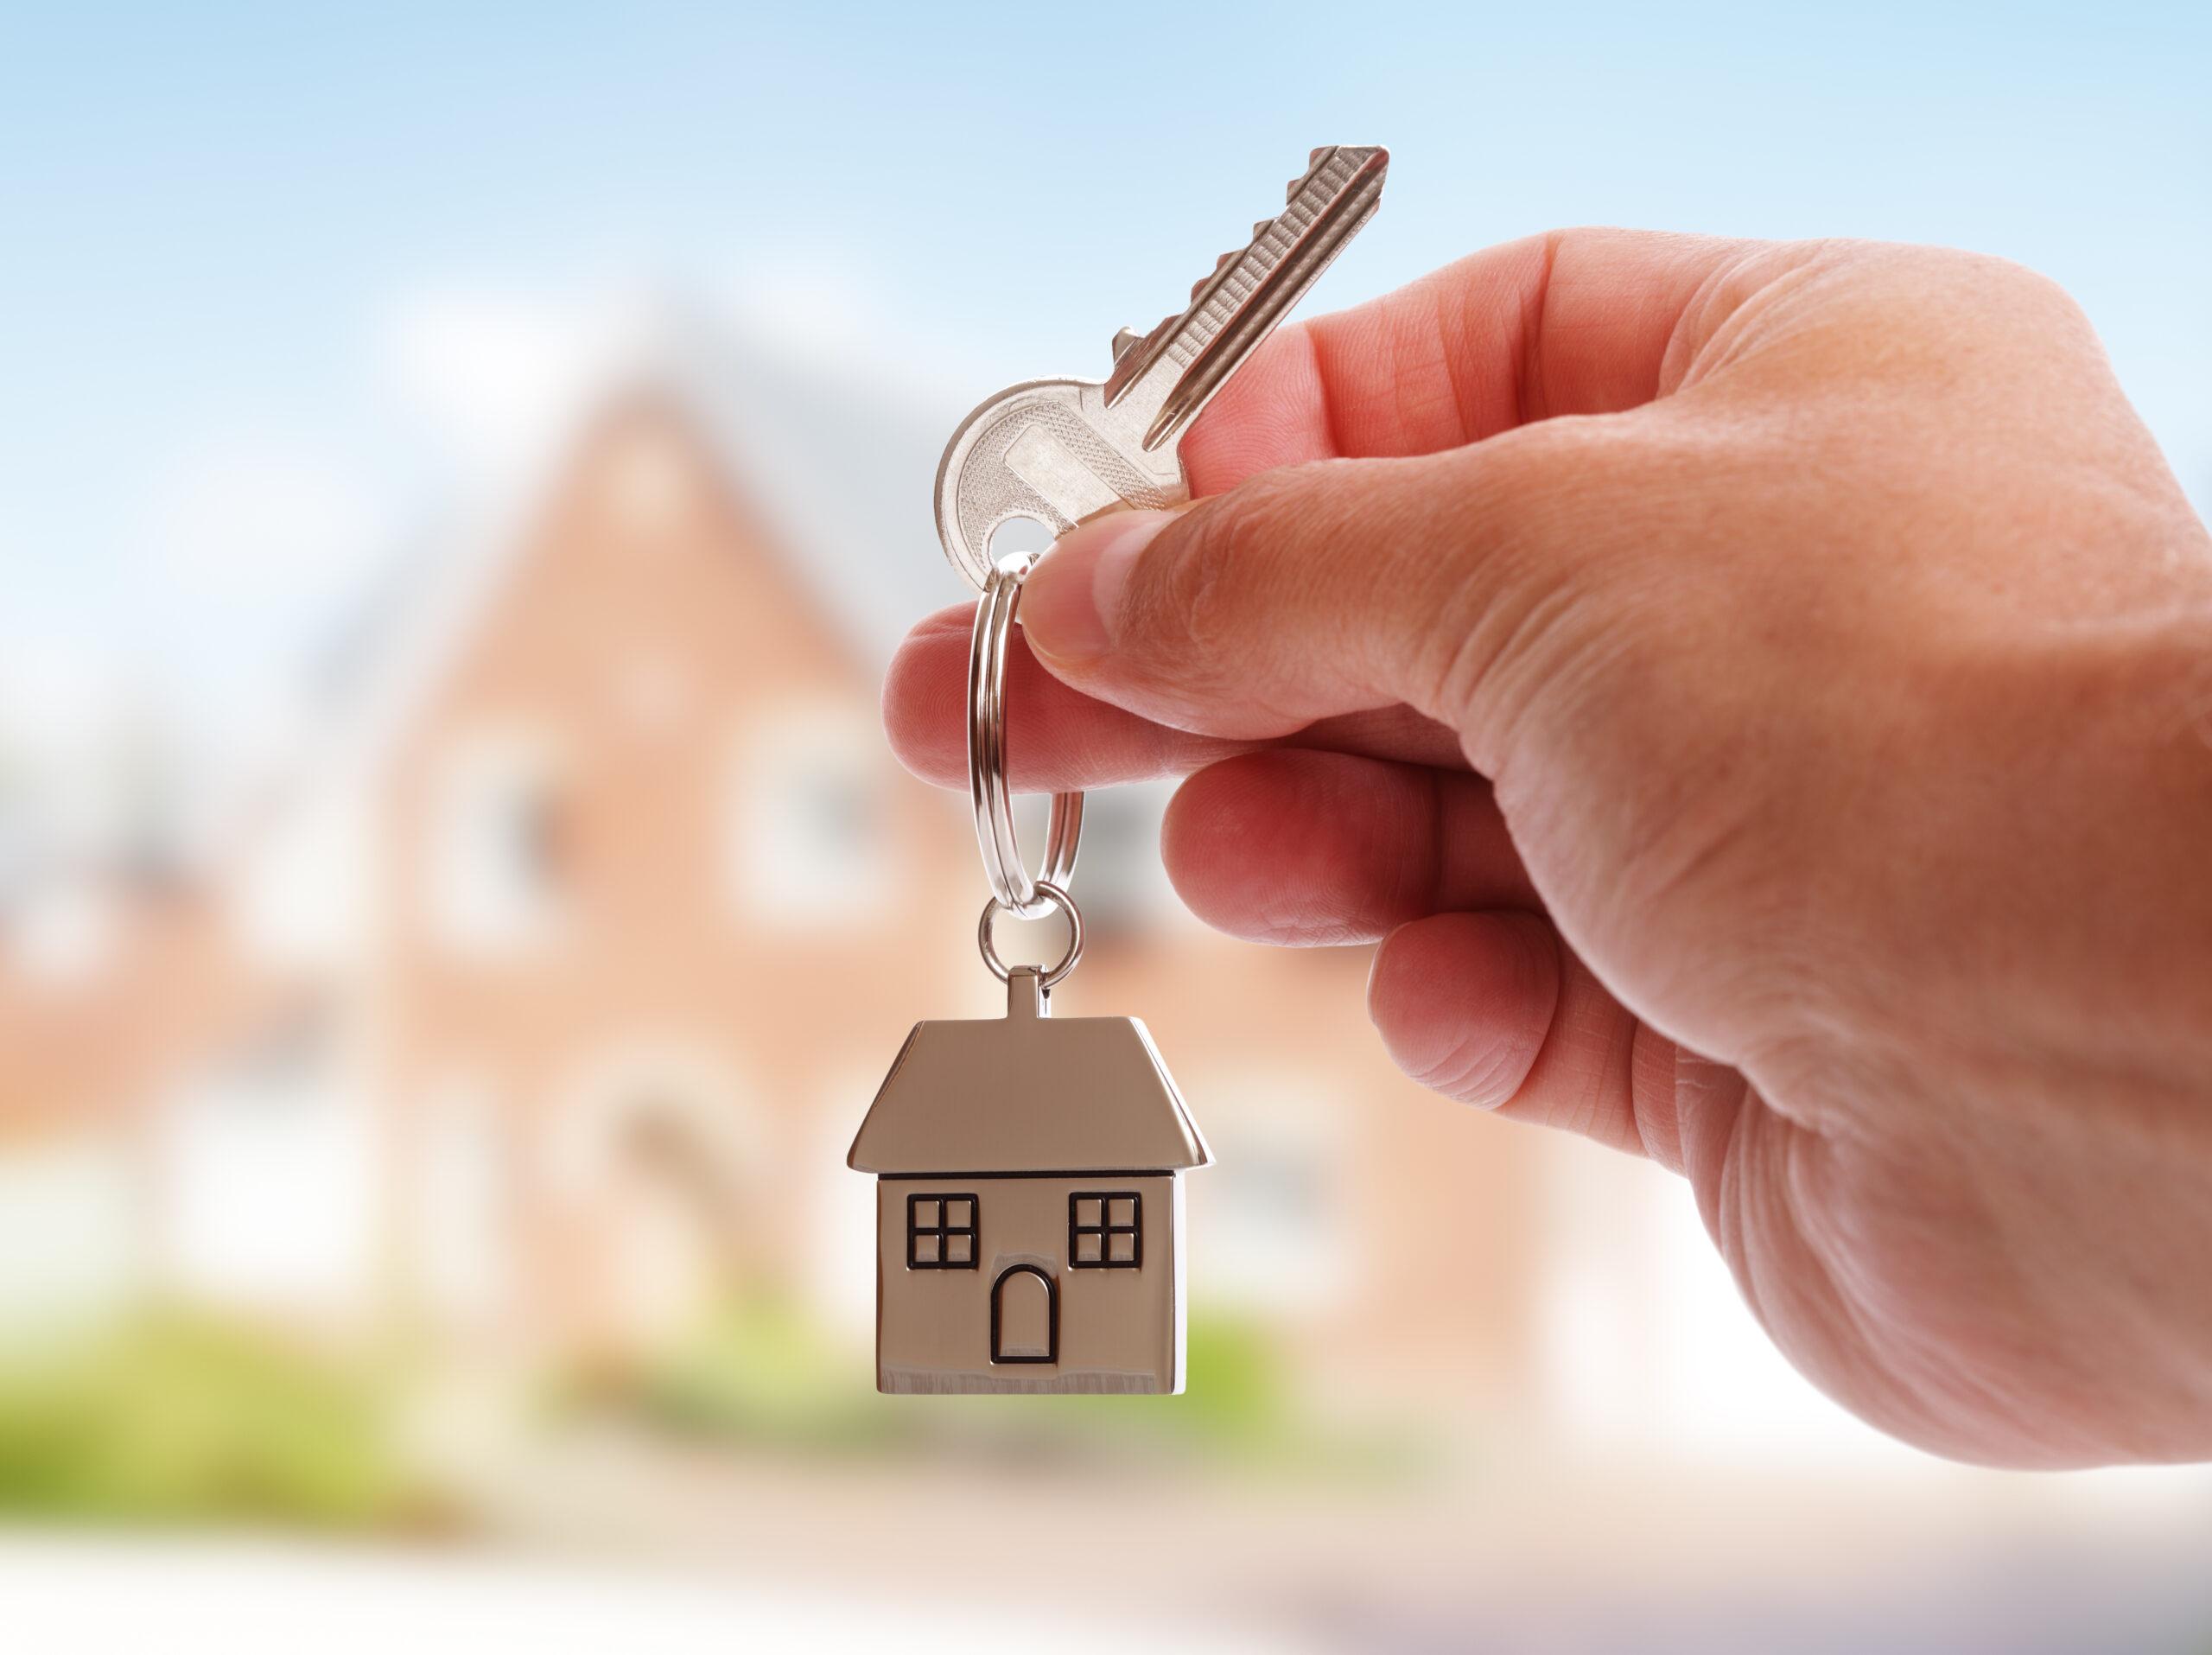 賃貸借契約でオーナーはどのような義務を負うのか?